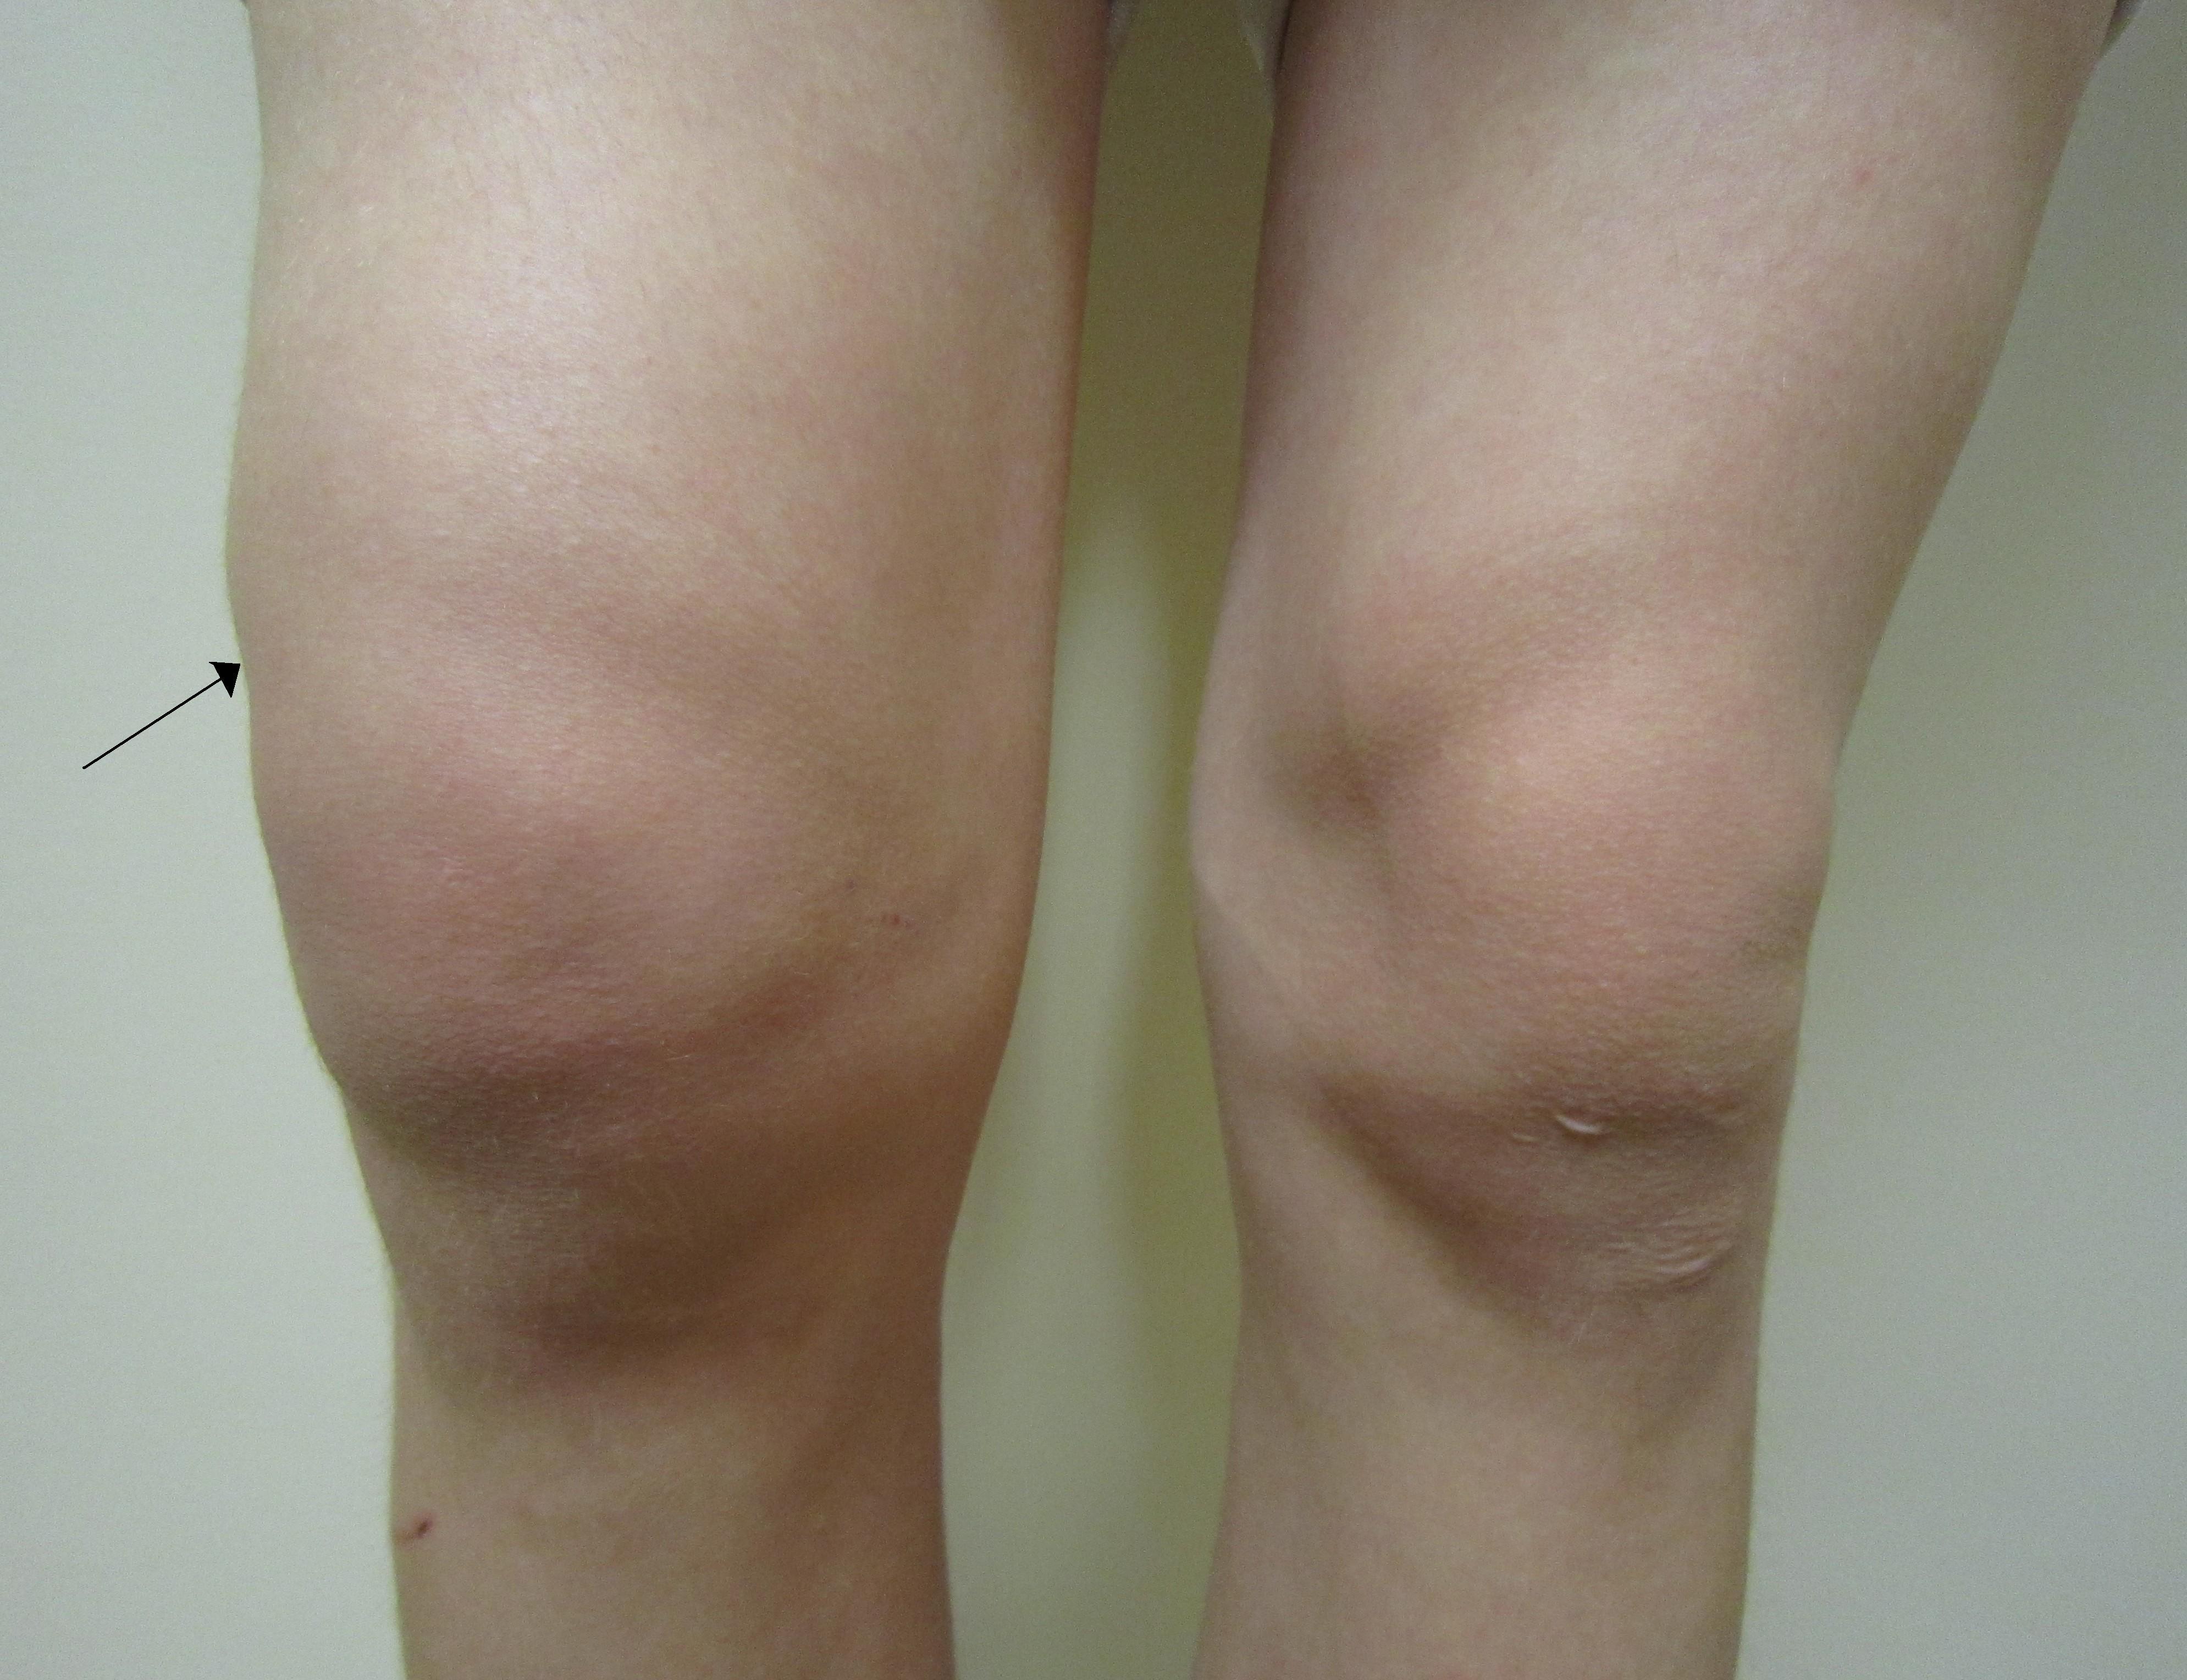 tratament suprapatelar pentru genunchi